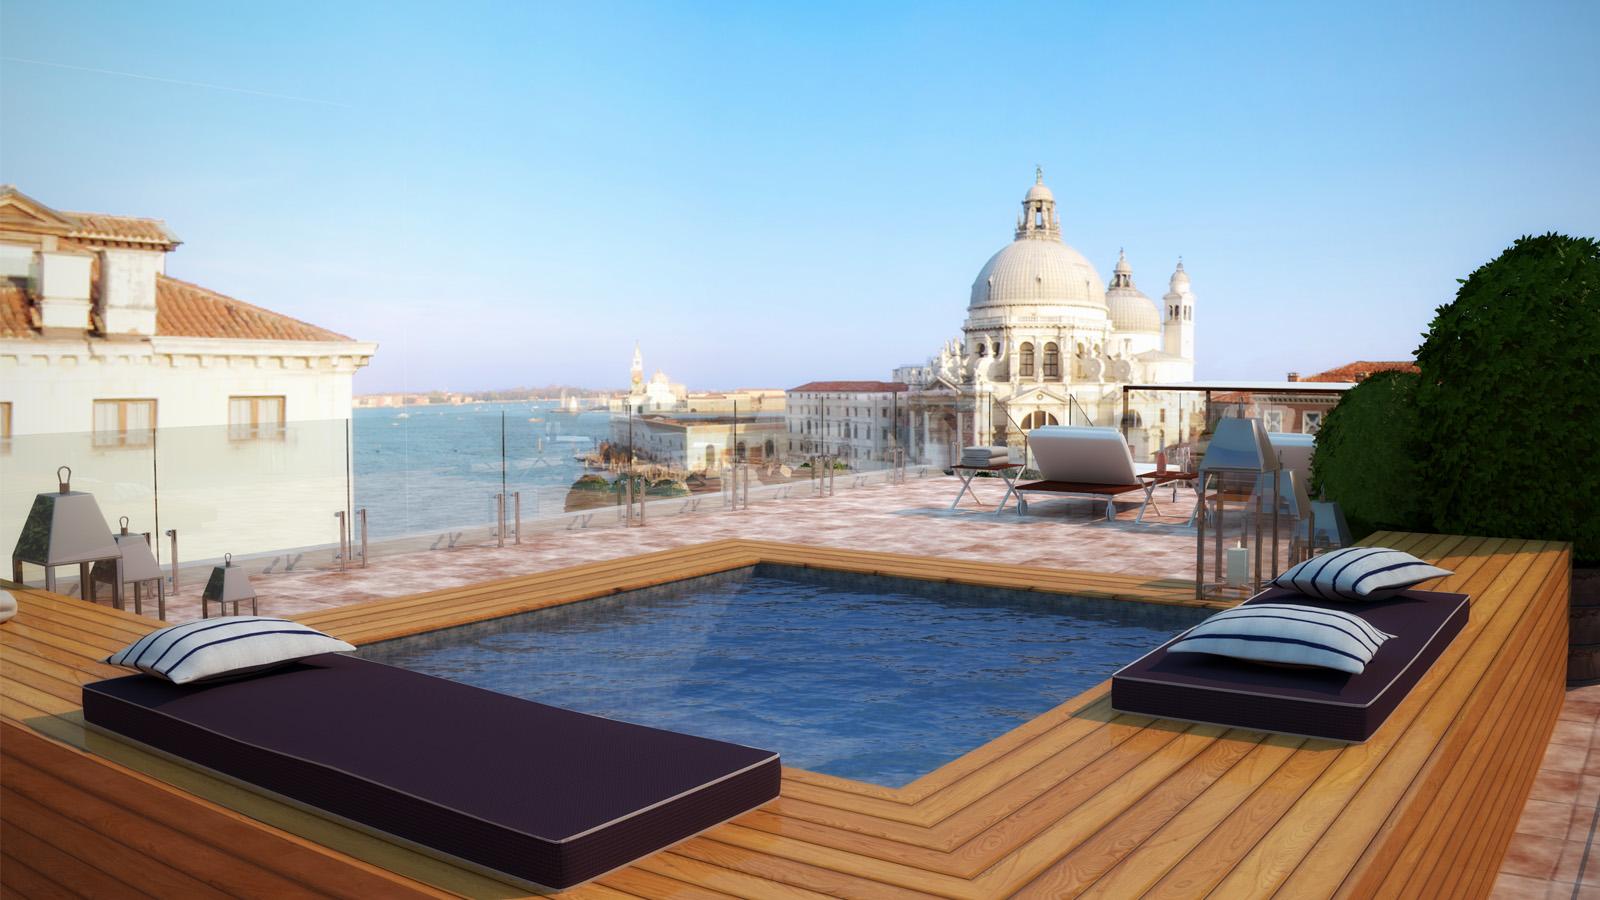 ТОП-5 отелей Островка, которые заслуживают отдельного путешествия